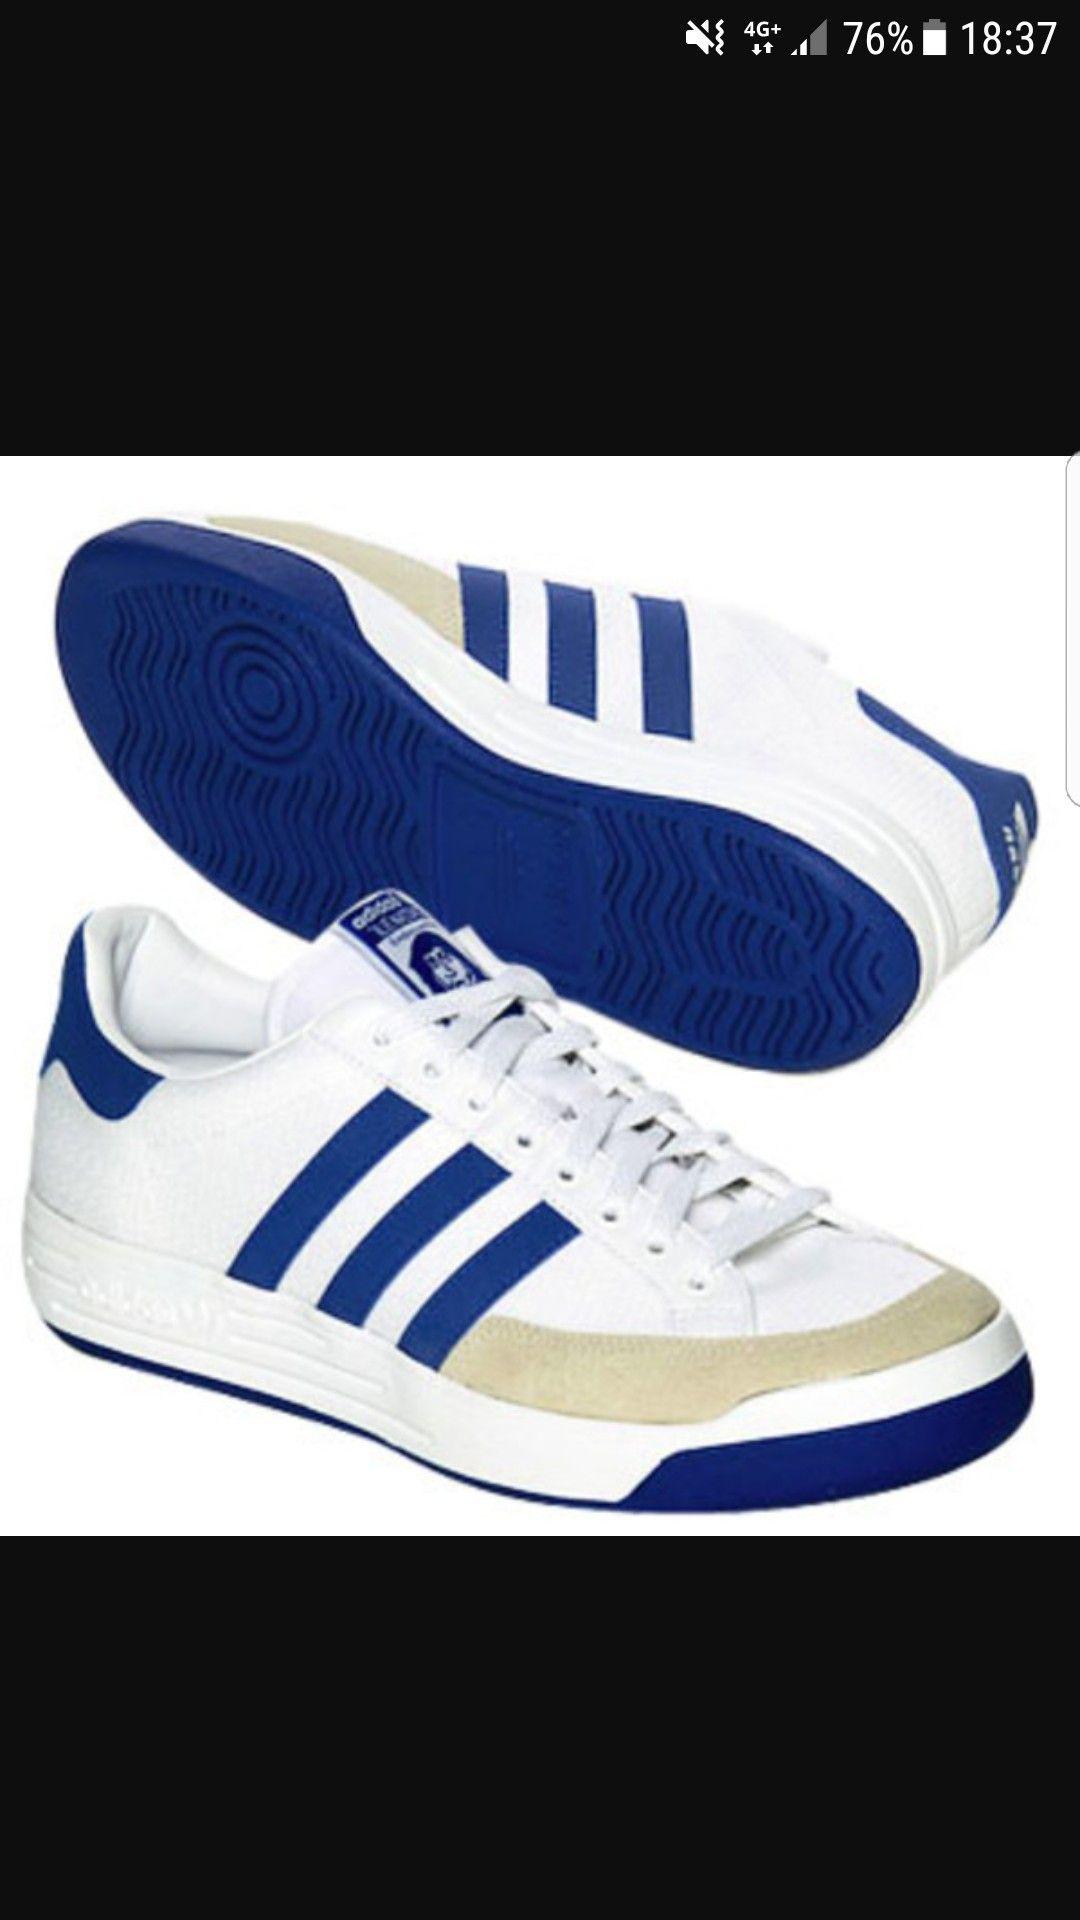 Et Adidas BleuShoes AdidasChaussures Adidas Adidas BleuShoes AdidasChaussures Et Nastase Nastase PukOXZi